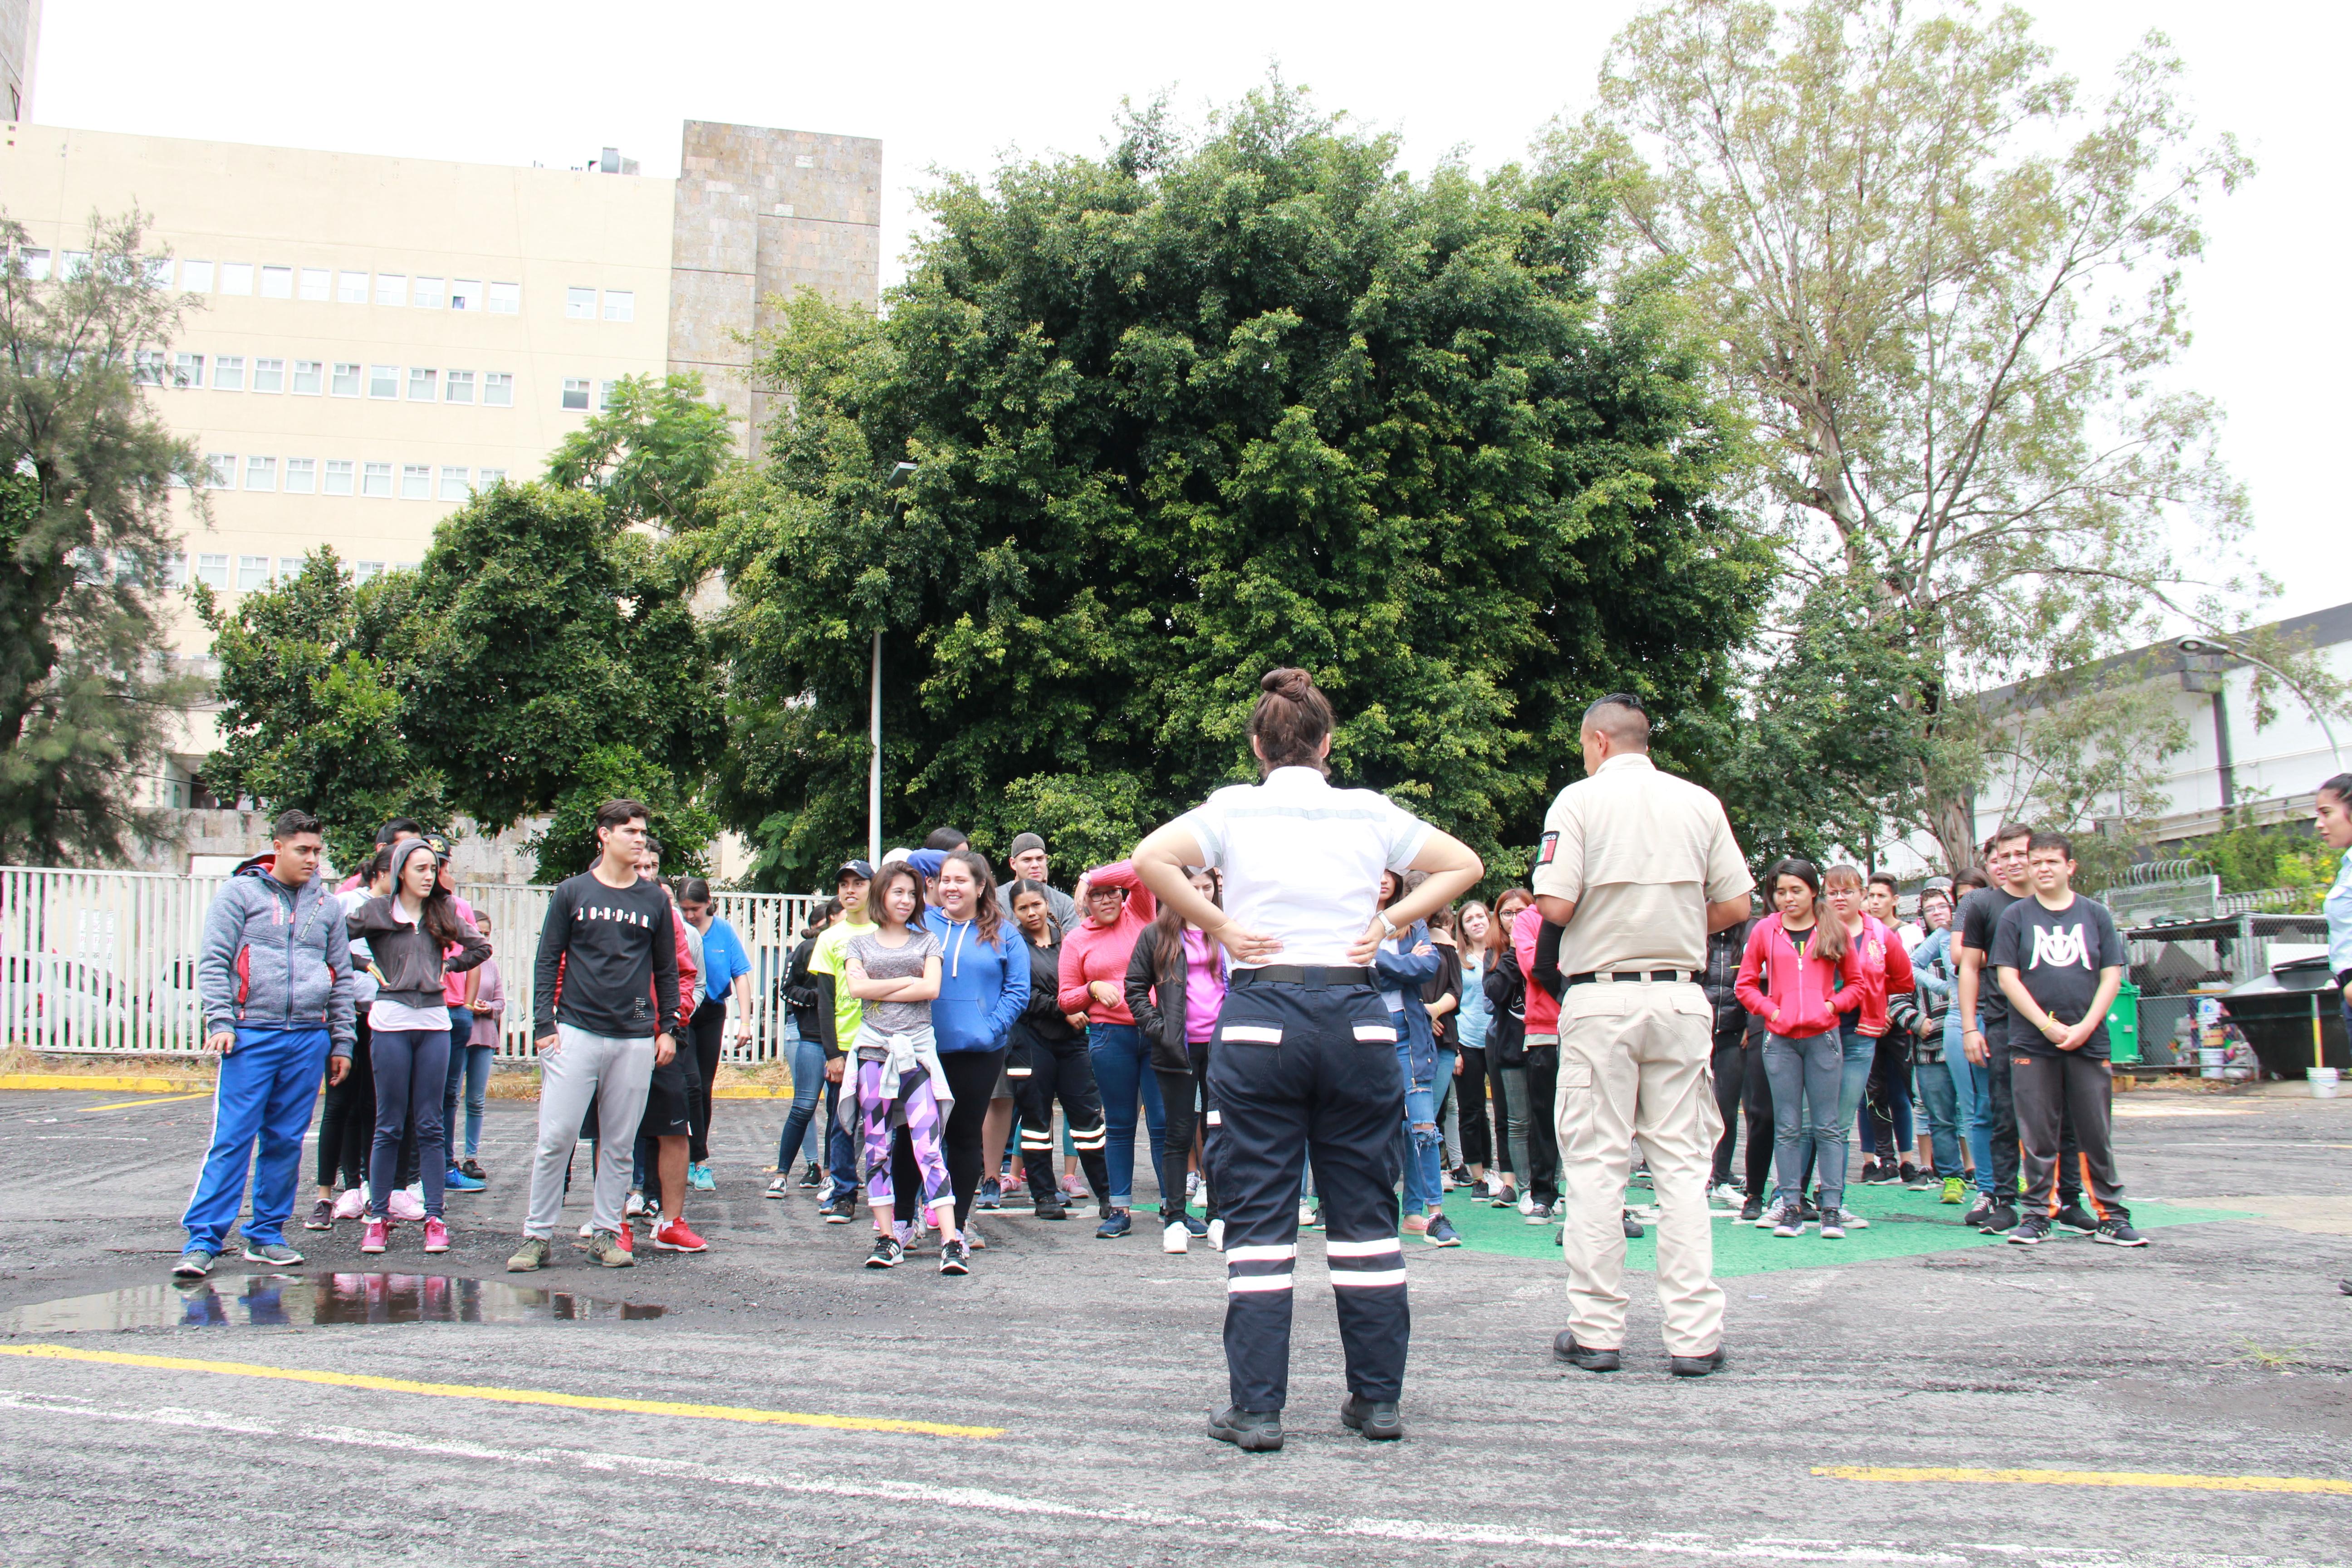 Voluntaria de protección civil organizando a un grupo de estudiantes en uno de los estacionamientos